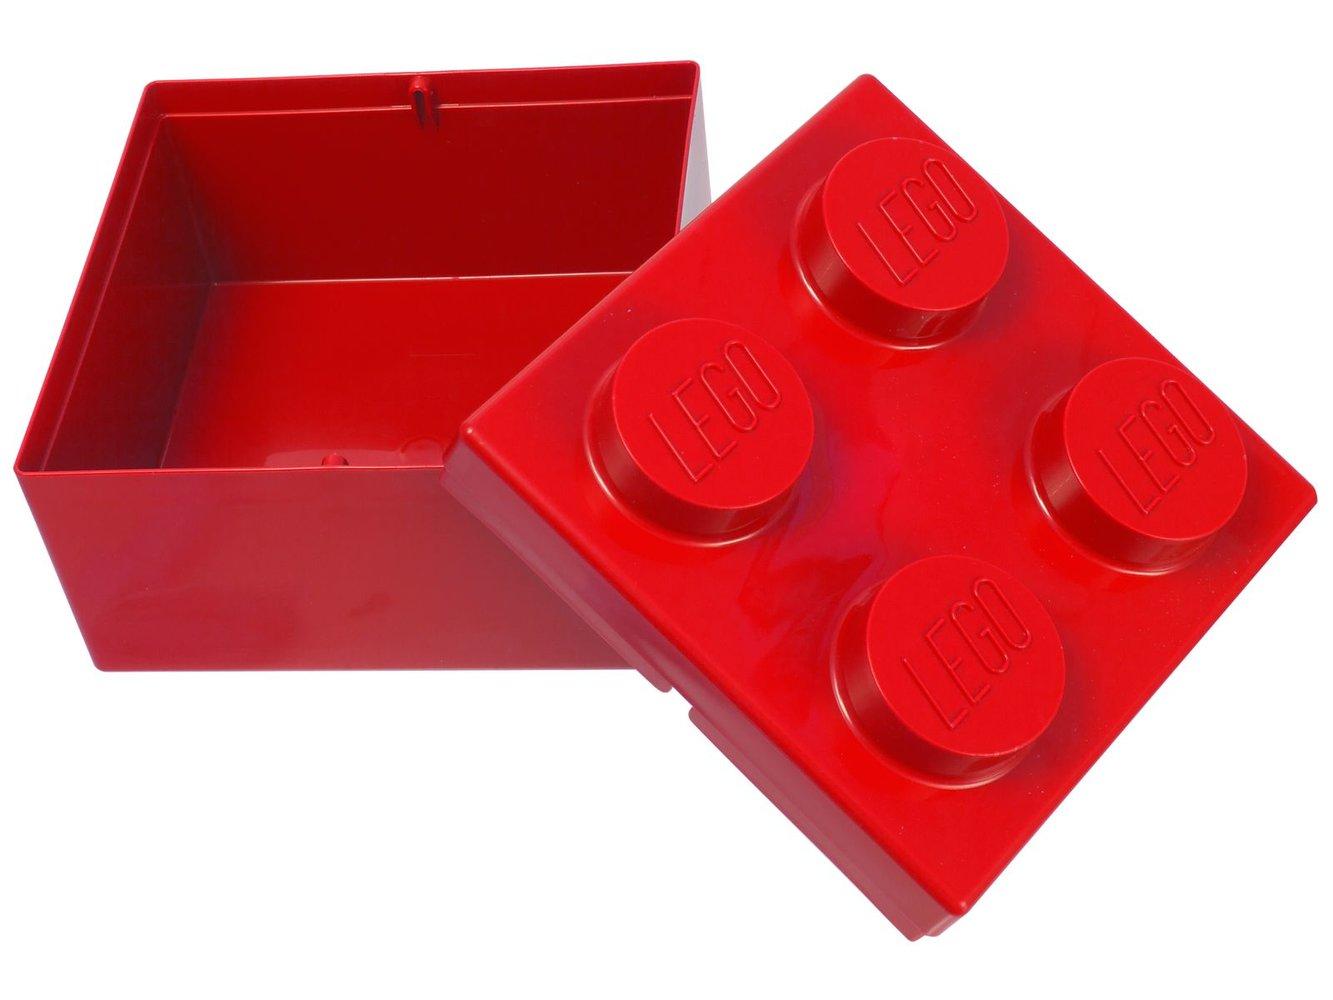 2x2 Storage Brick (Red)